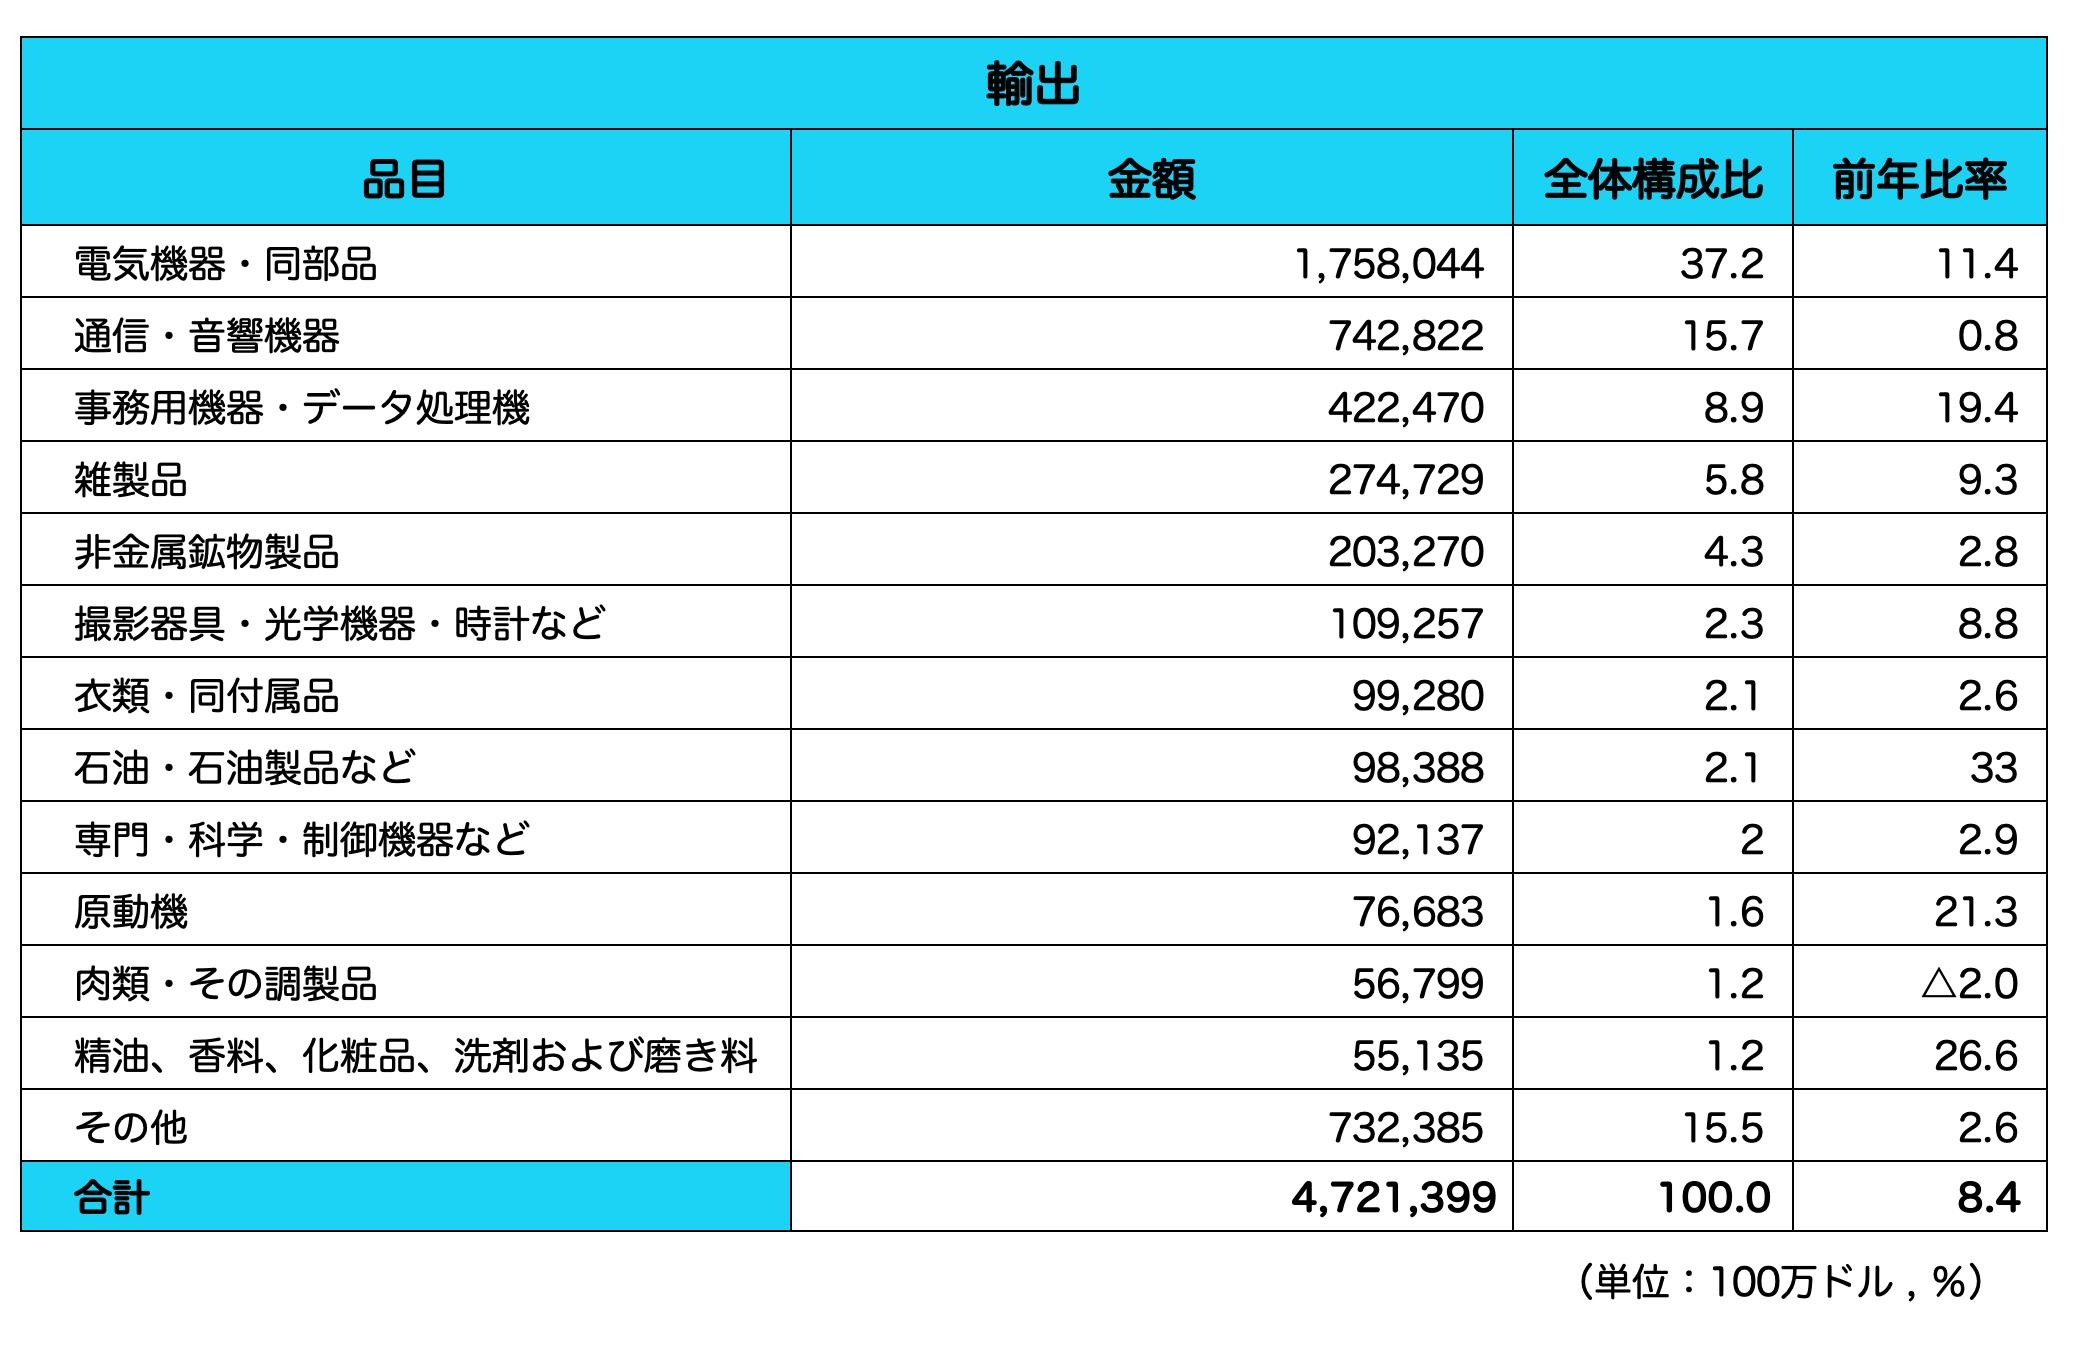 香港_輸入品目